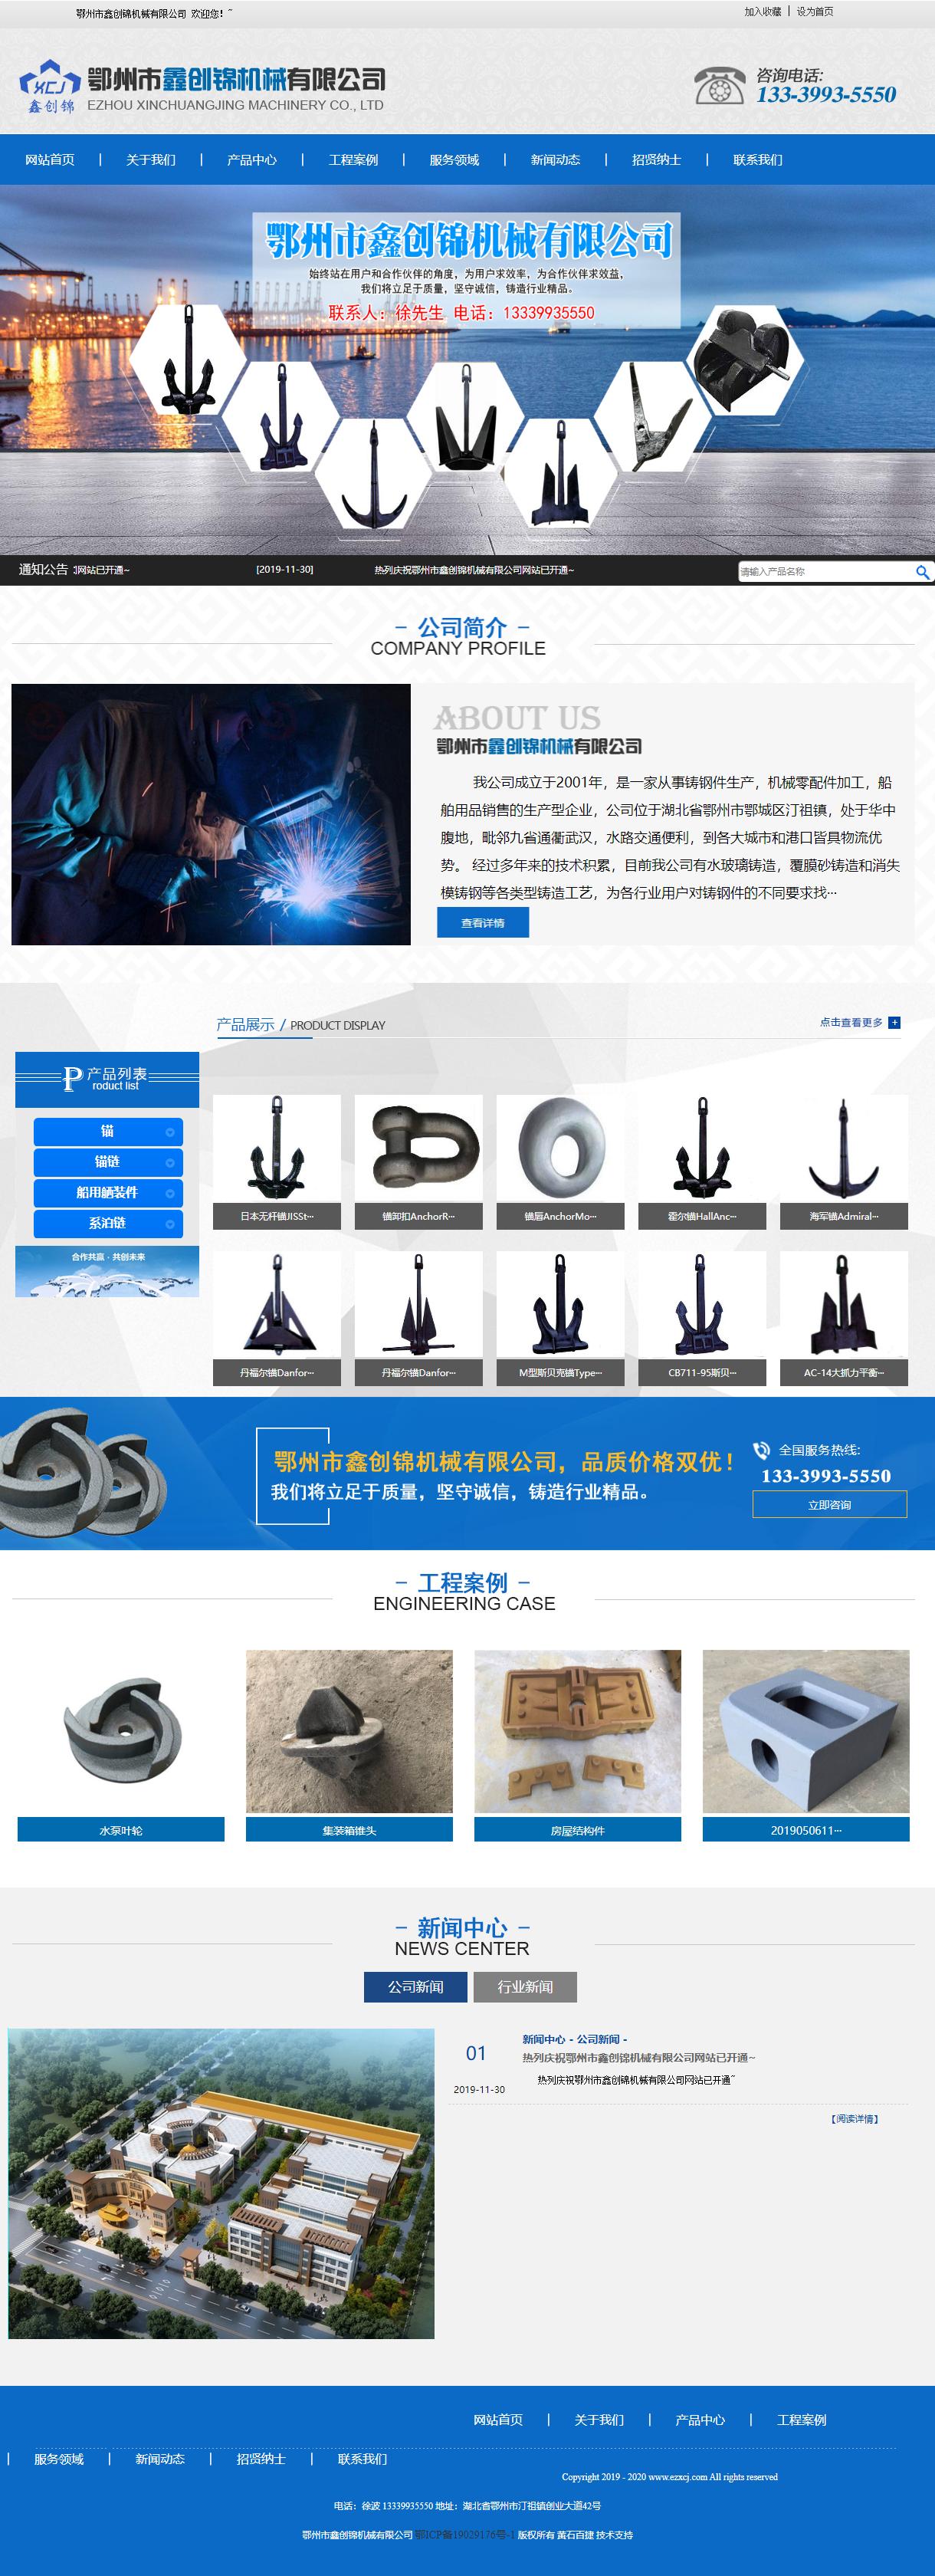 鄂州市鑫创锦机械有限公司网站案例